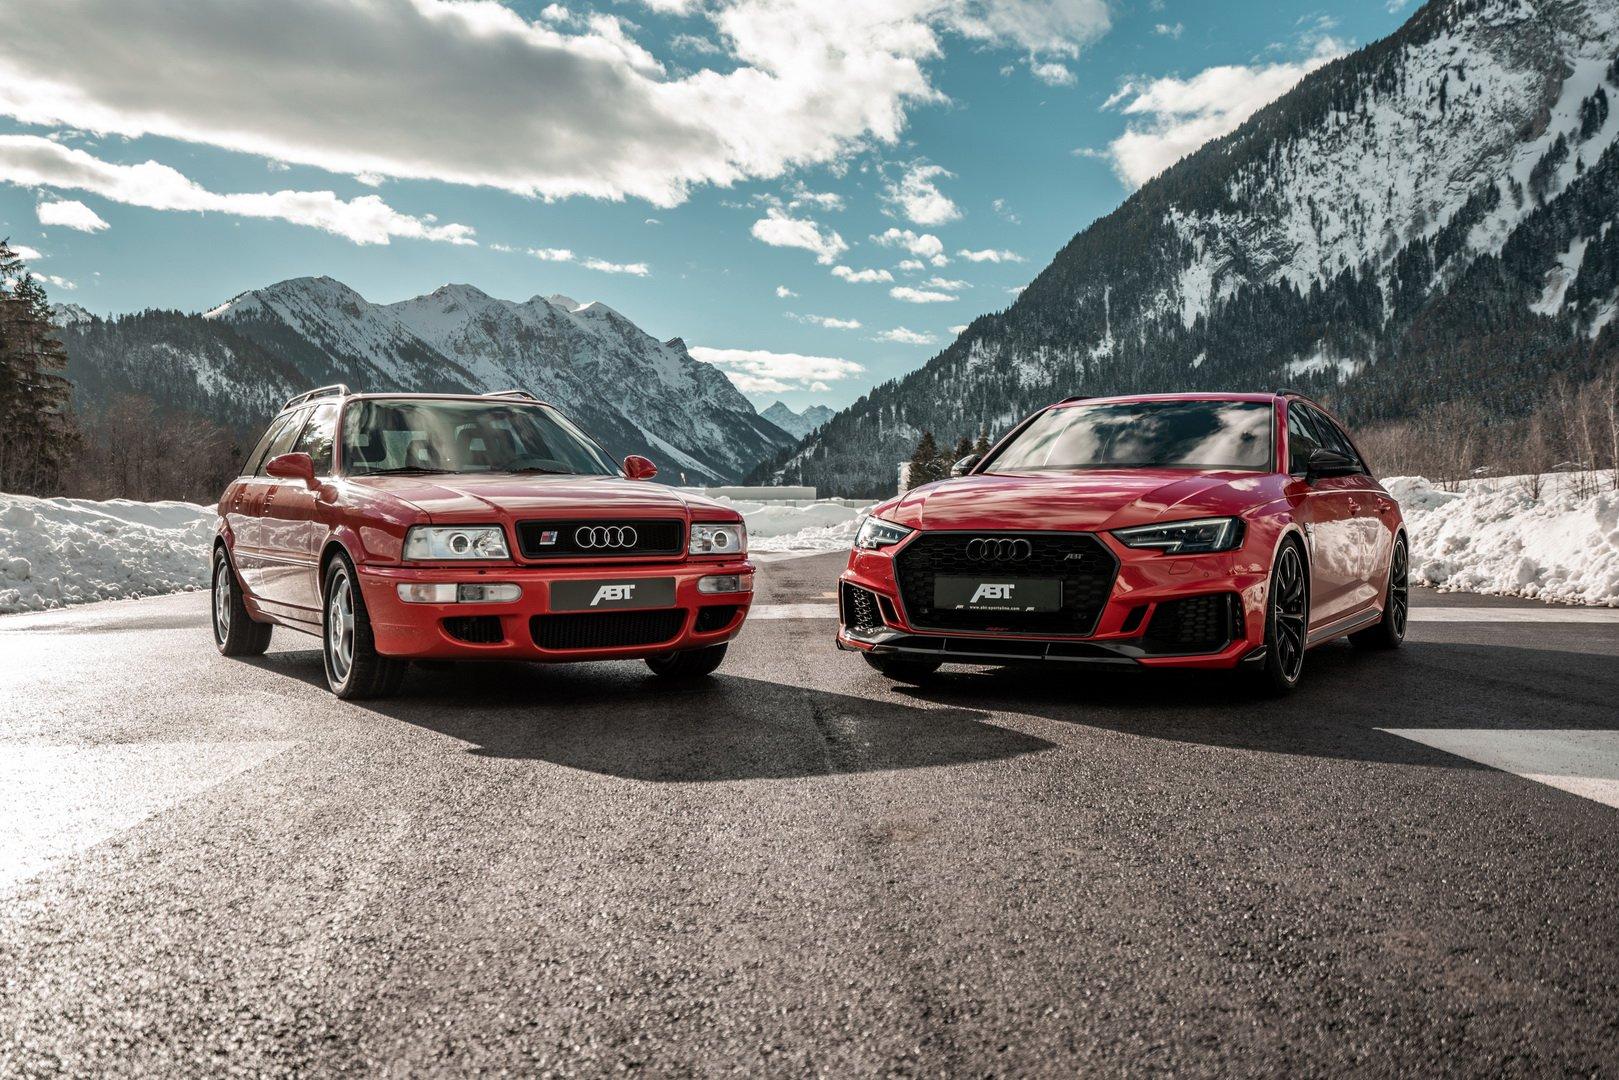 На днях команда выпустила серию фотографий, посвященную легендарной Audi RS2 Avant